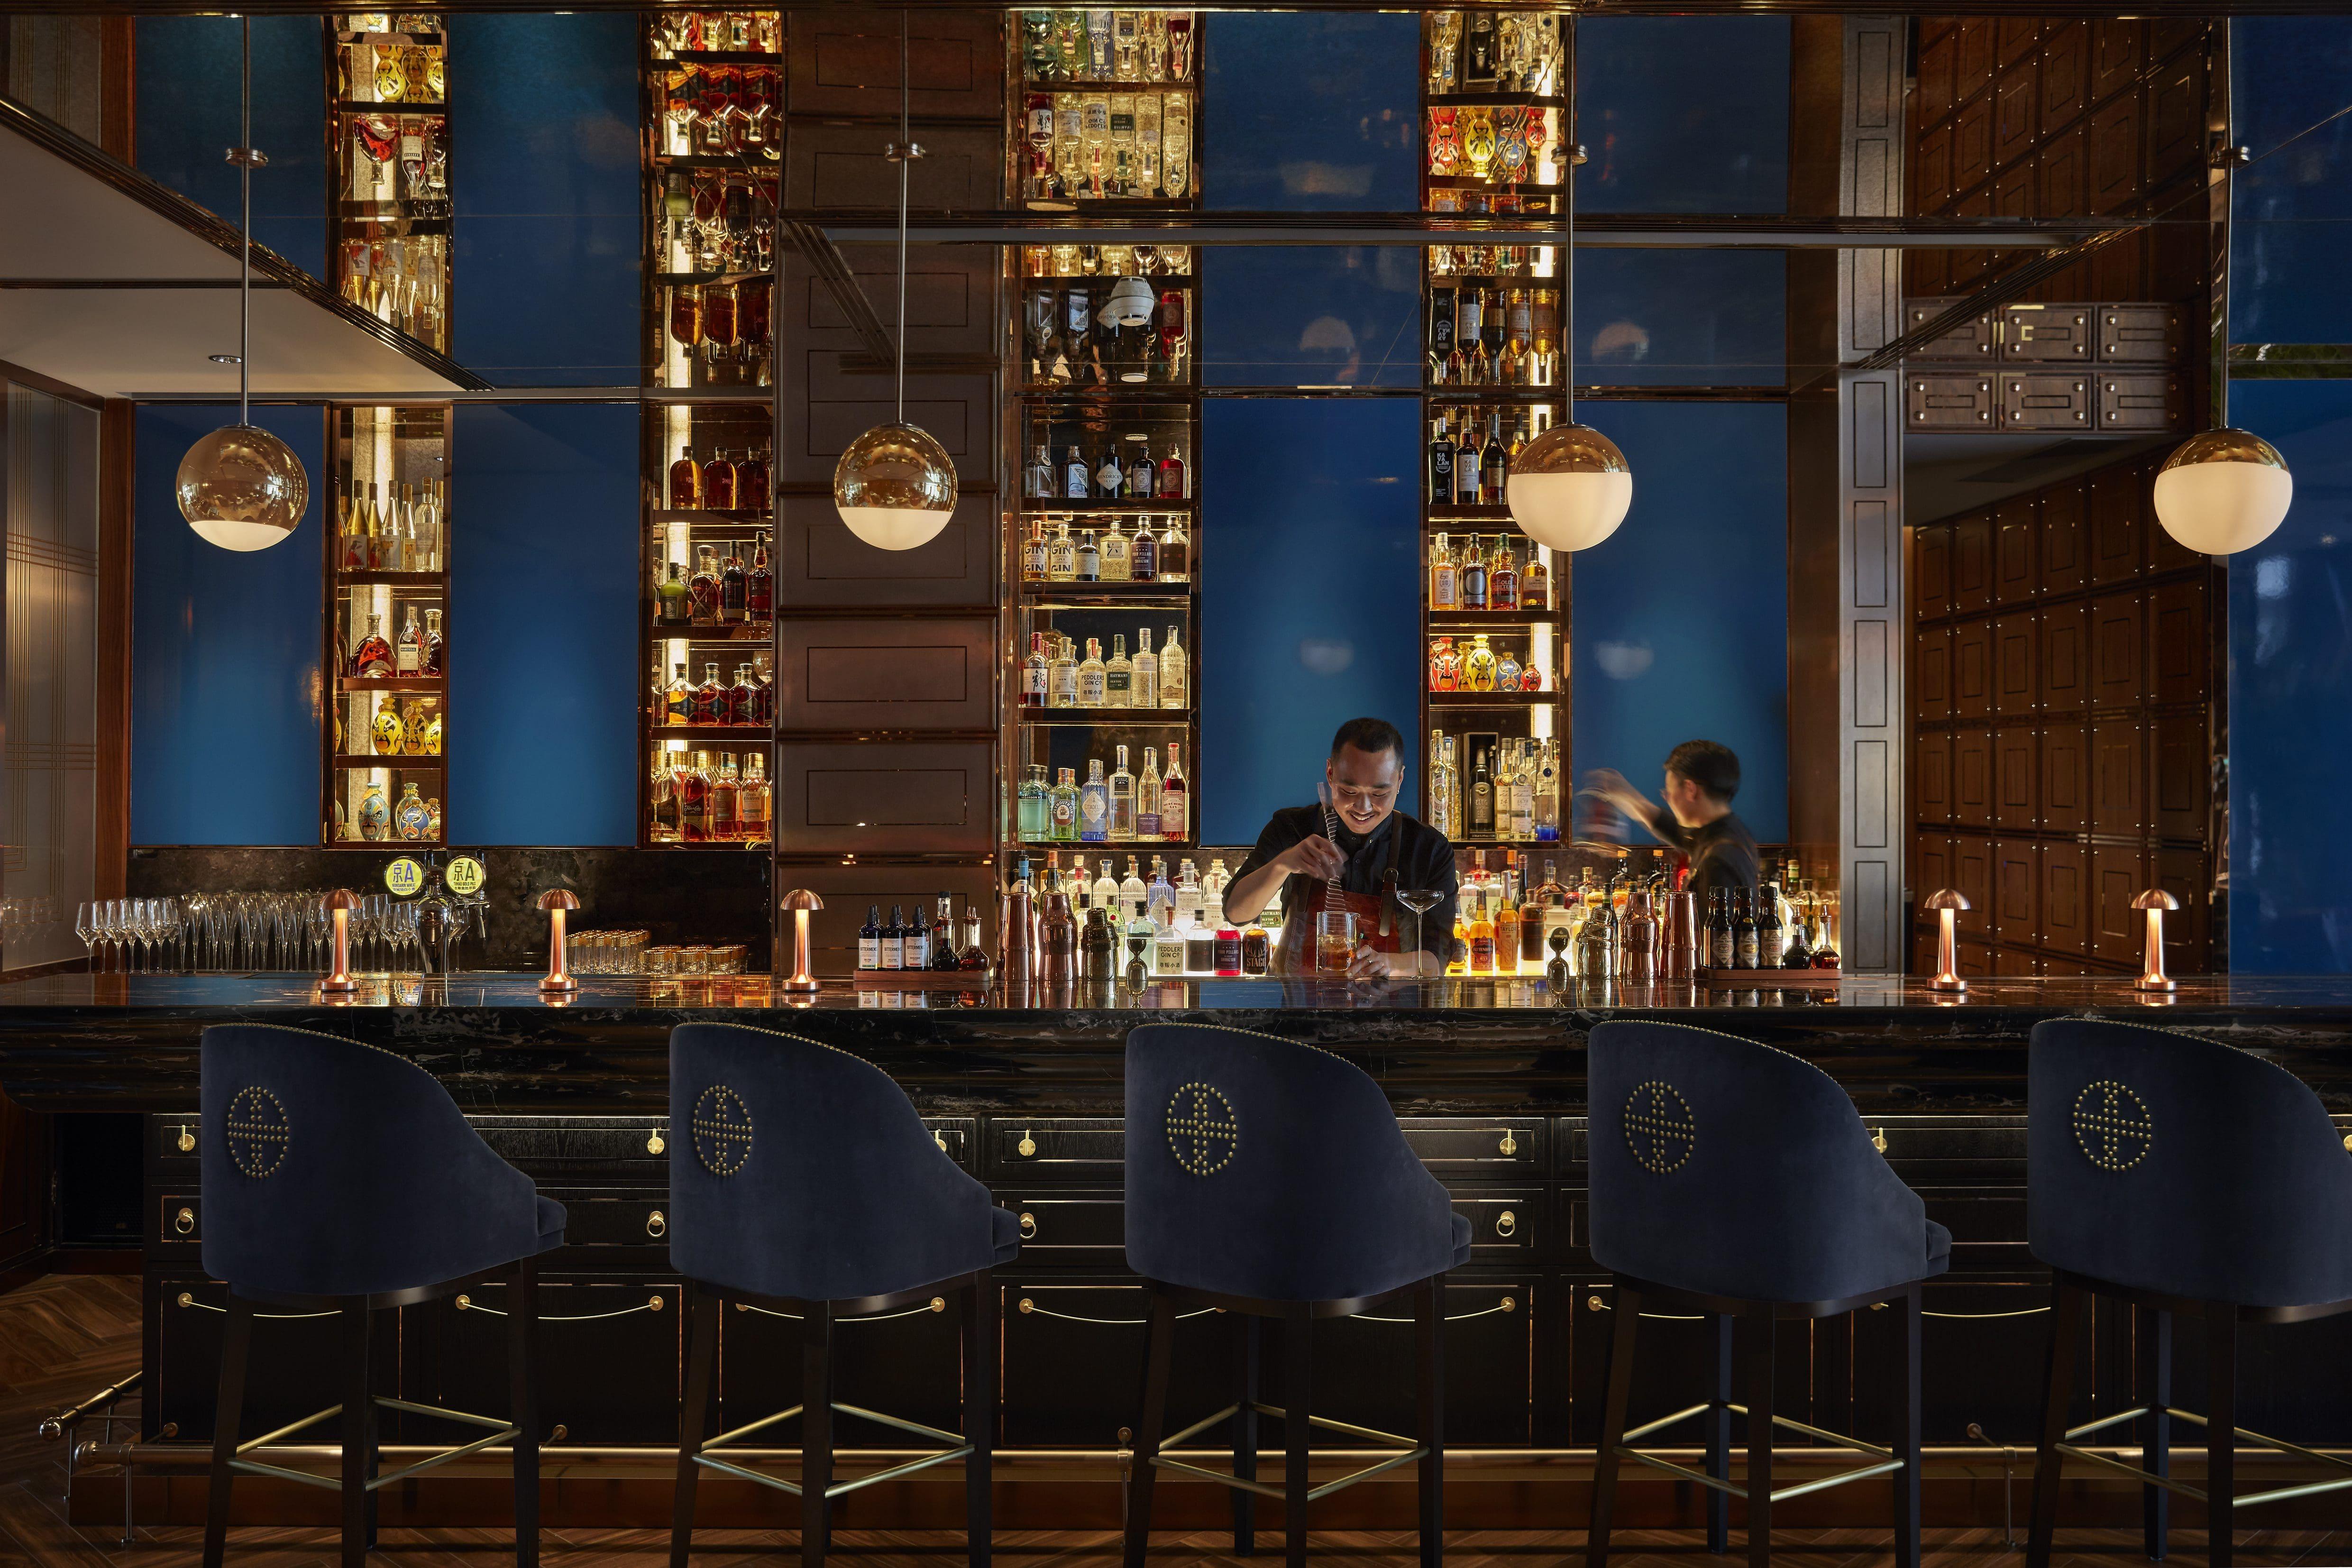 Bartender at work at MO Bar